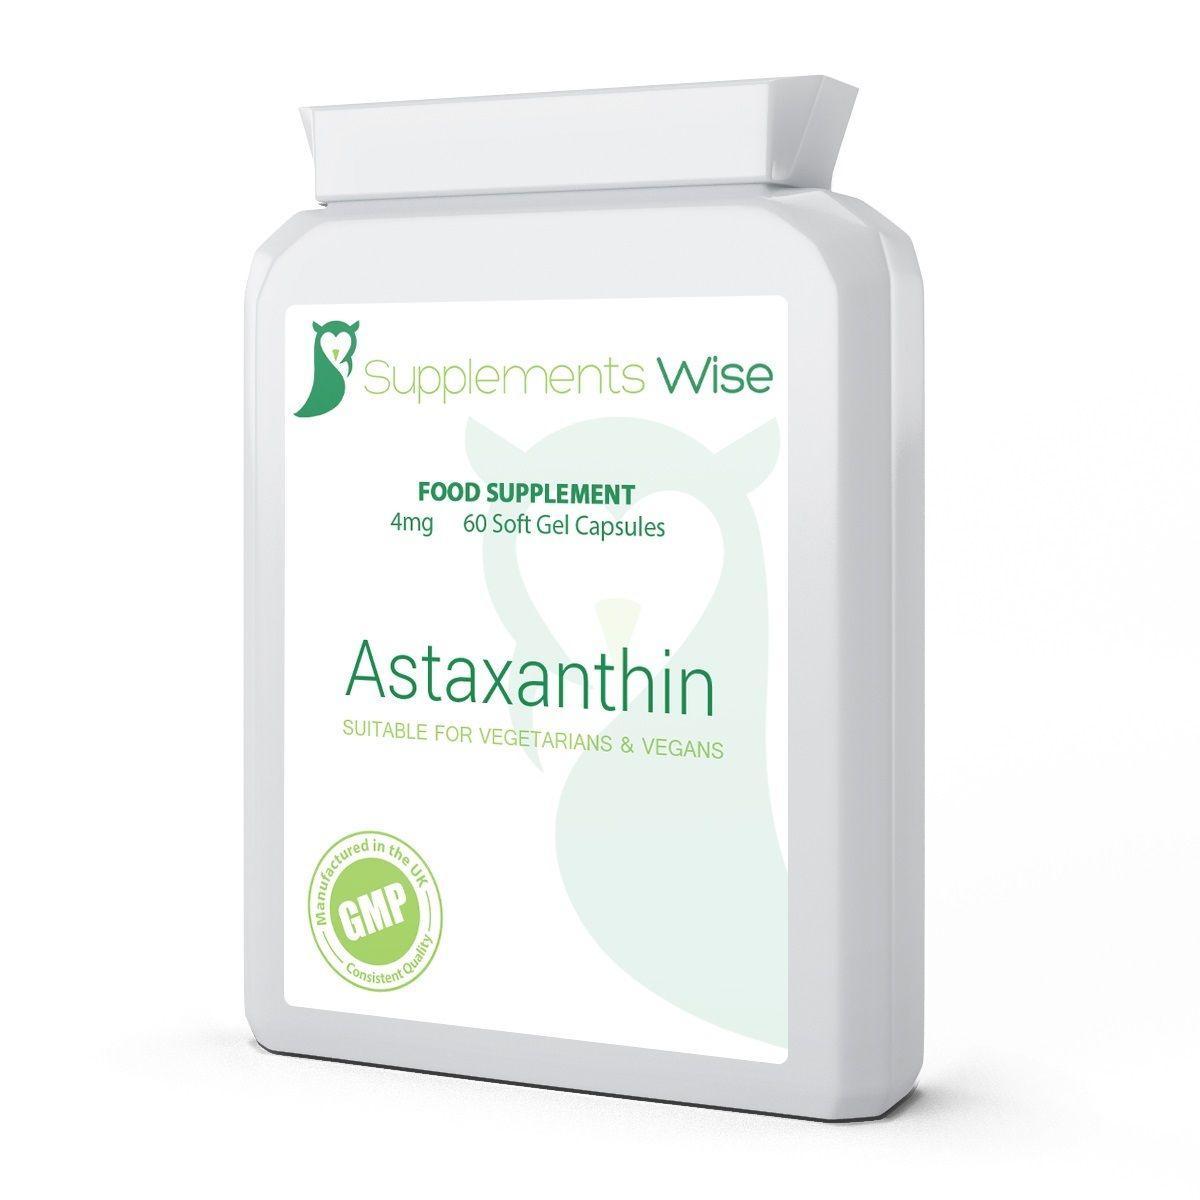 astaxanthin capsules